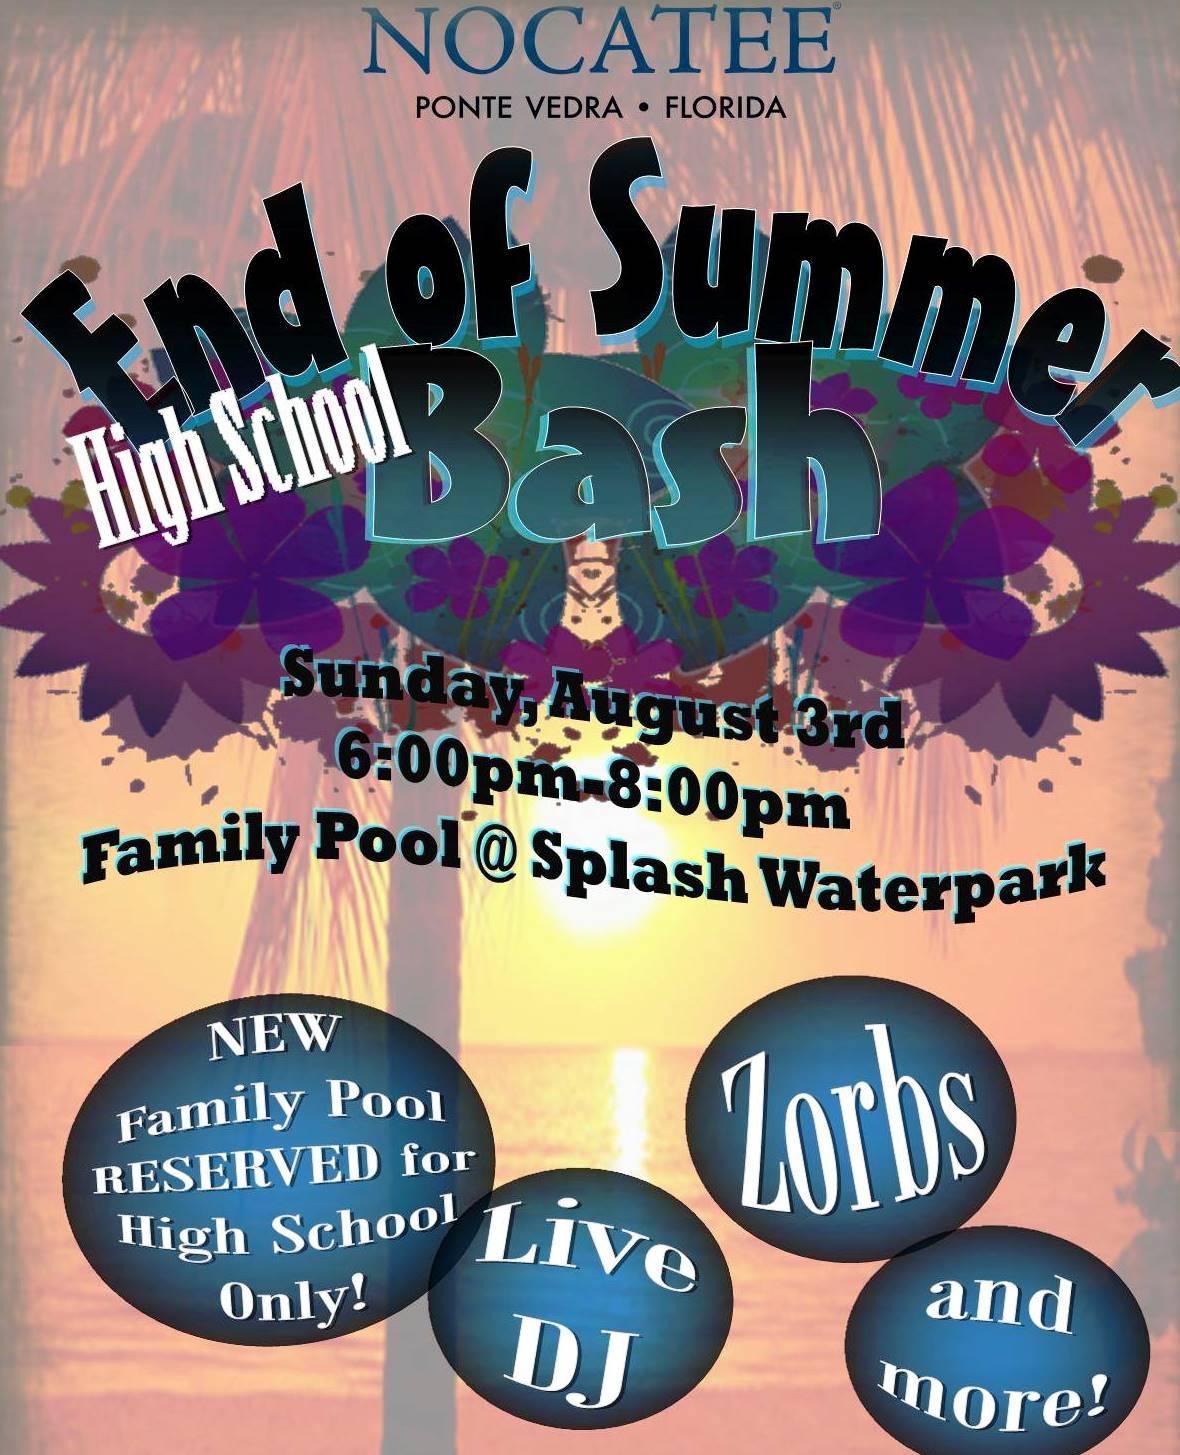 Nocatee End of Summer Bash at Splash